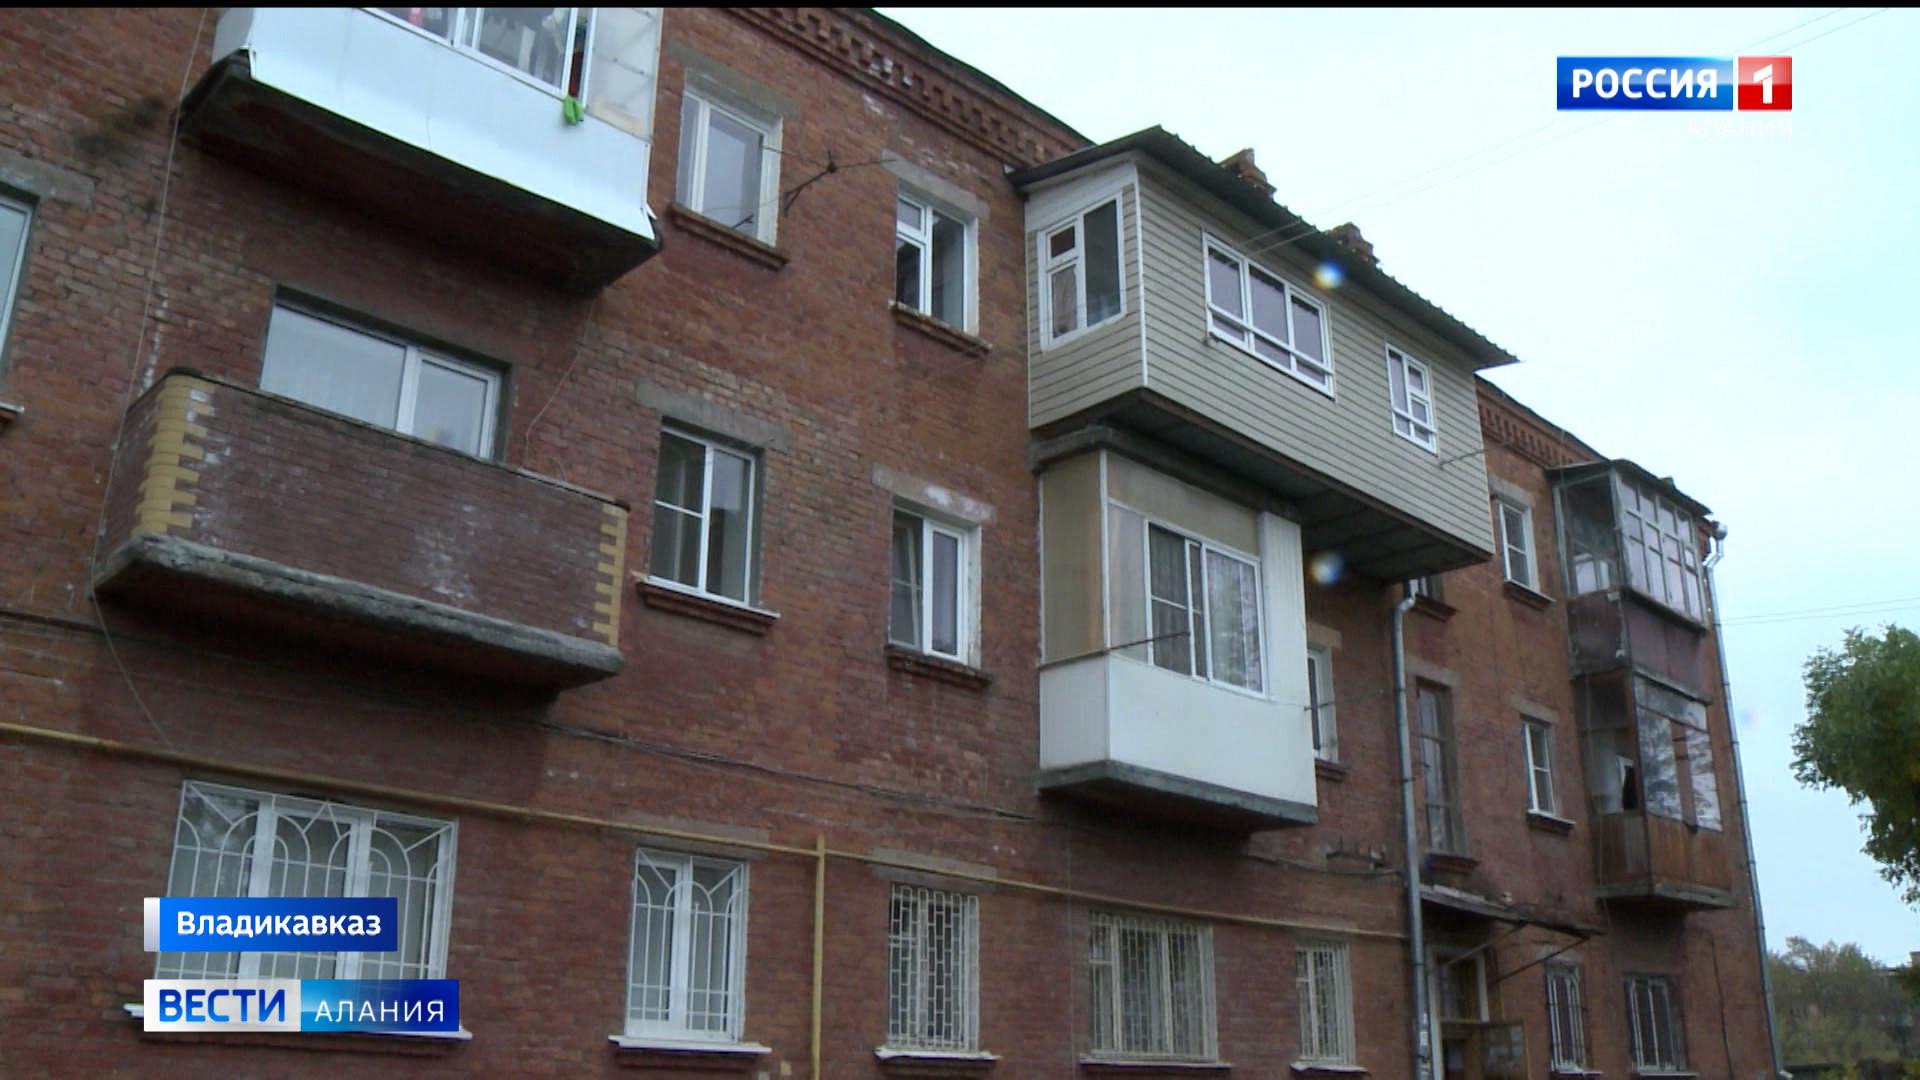 «Люди вправе требовать, чтобы у них было комфортное тепло»: Представители ОНФ выясняли, почему отопление появилось еще не во всех домах Владикавказа